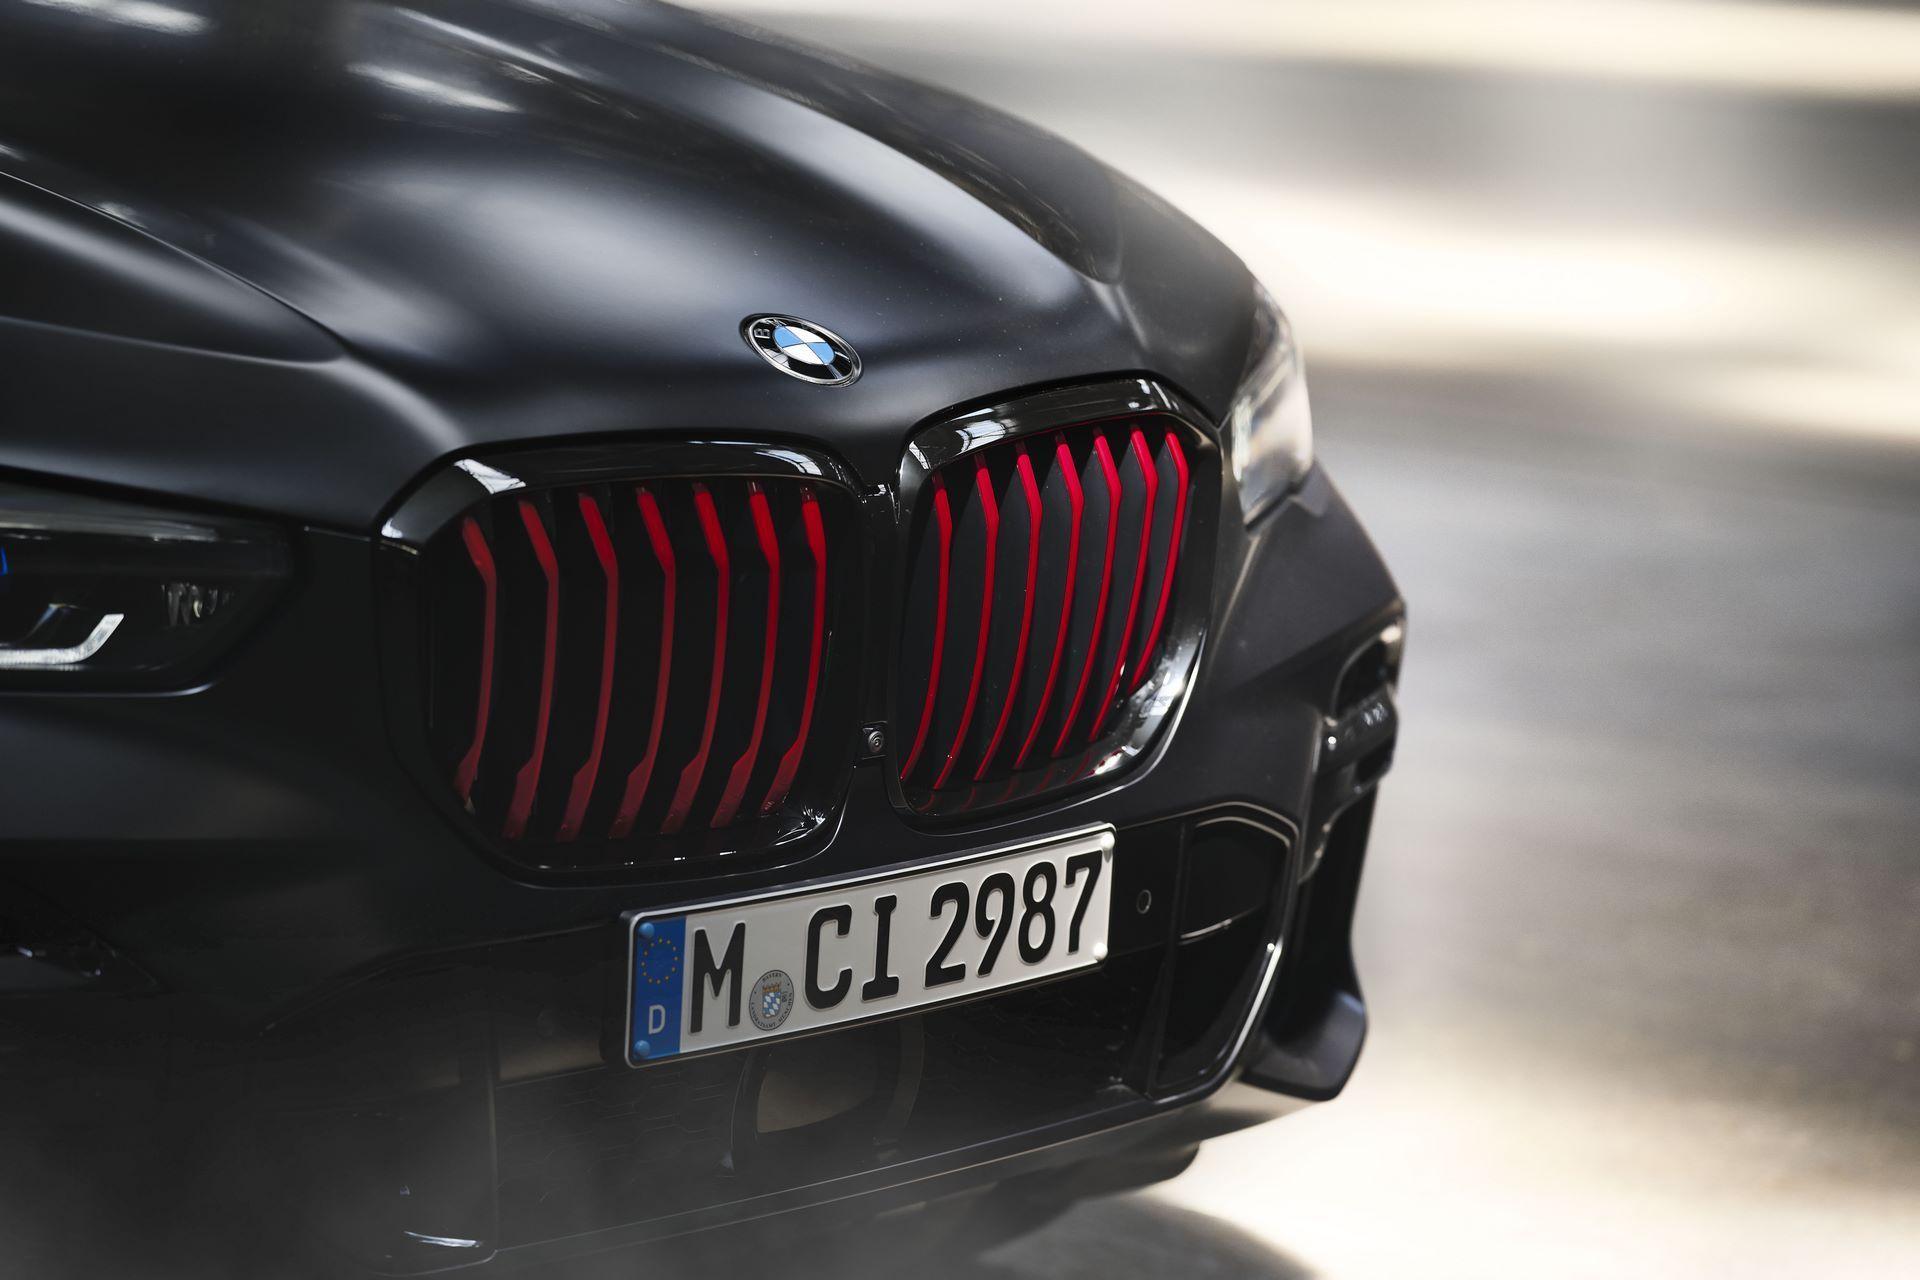 BMW-X5-Χ6-Black-Vermilion-X7-Limited-Edition-12